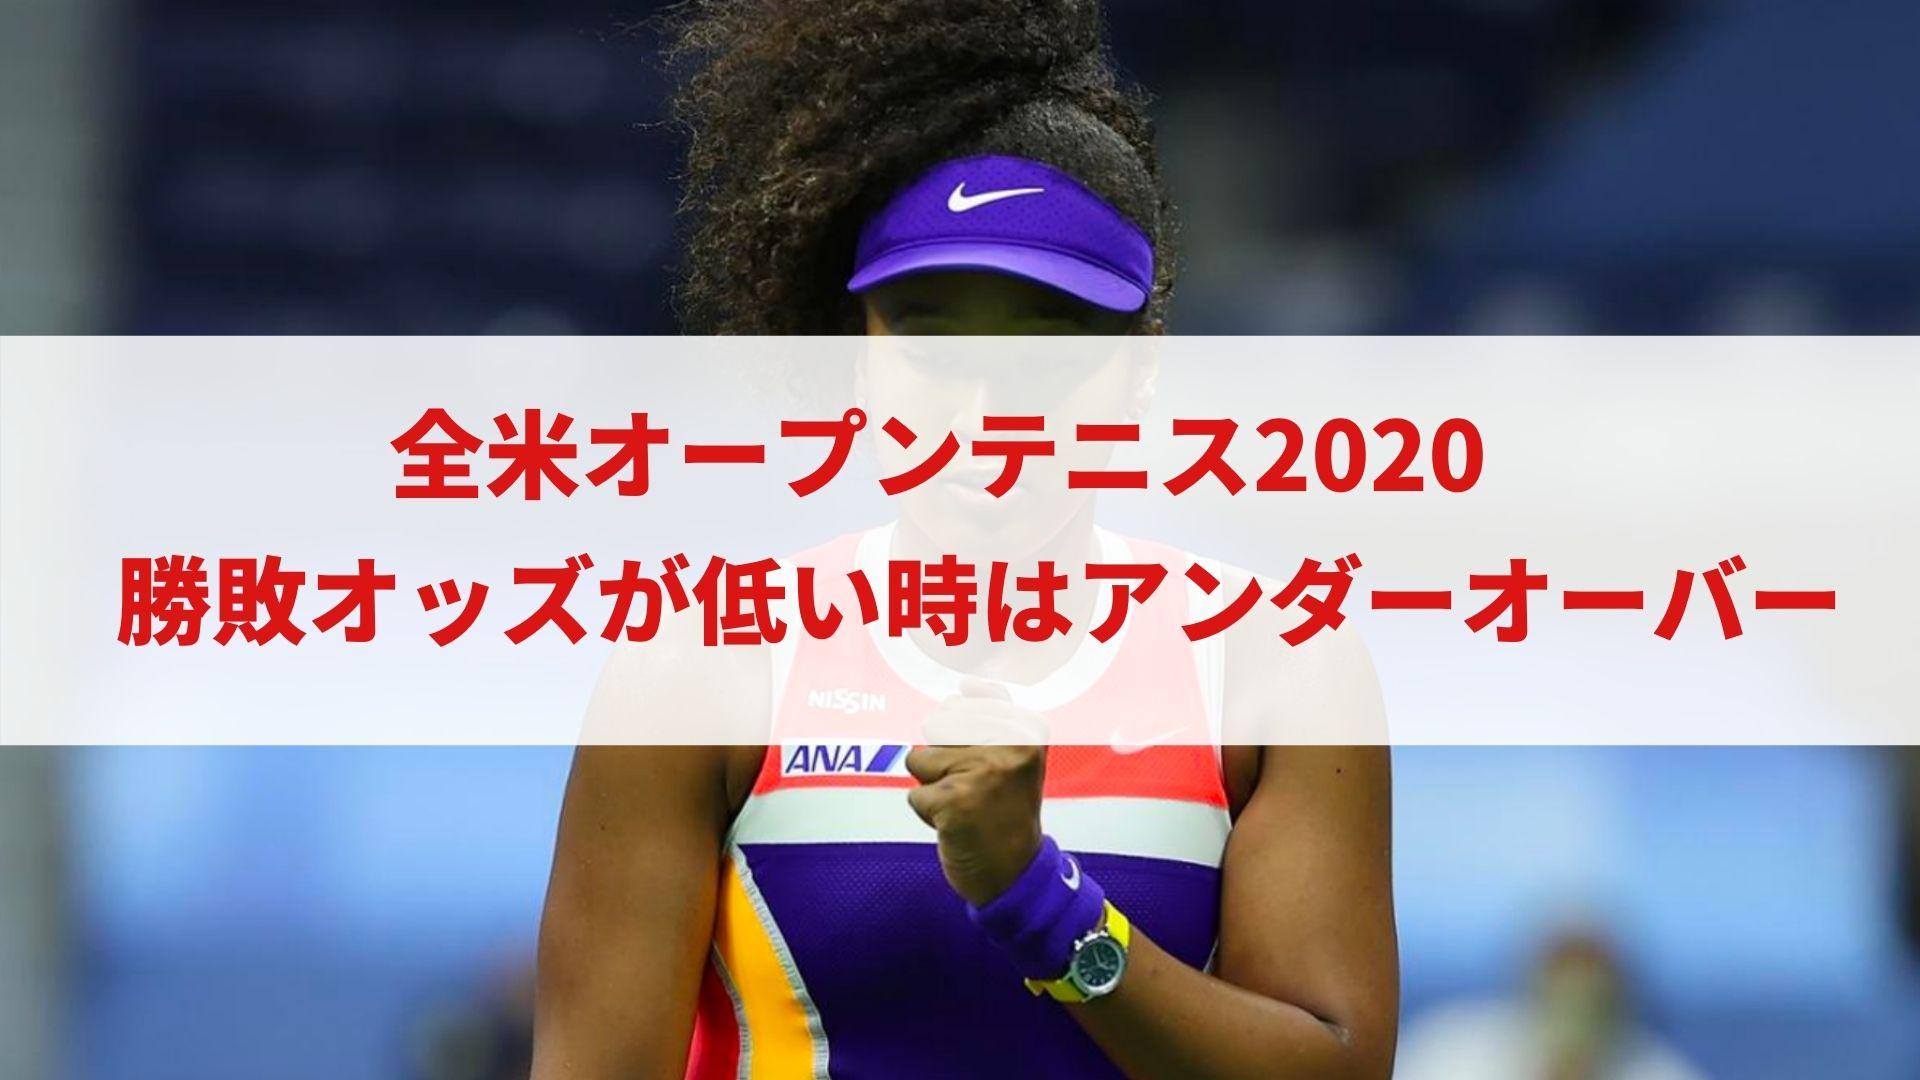 全米オープン2020の大坂なおみ